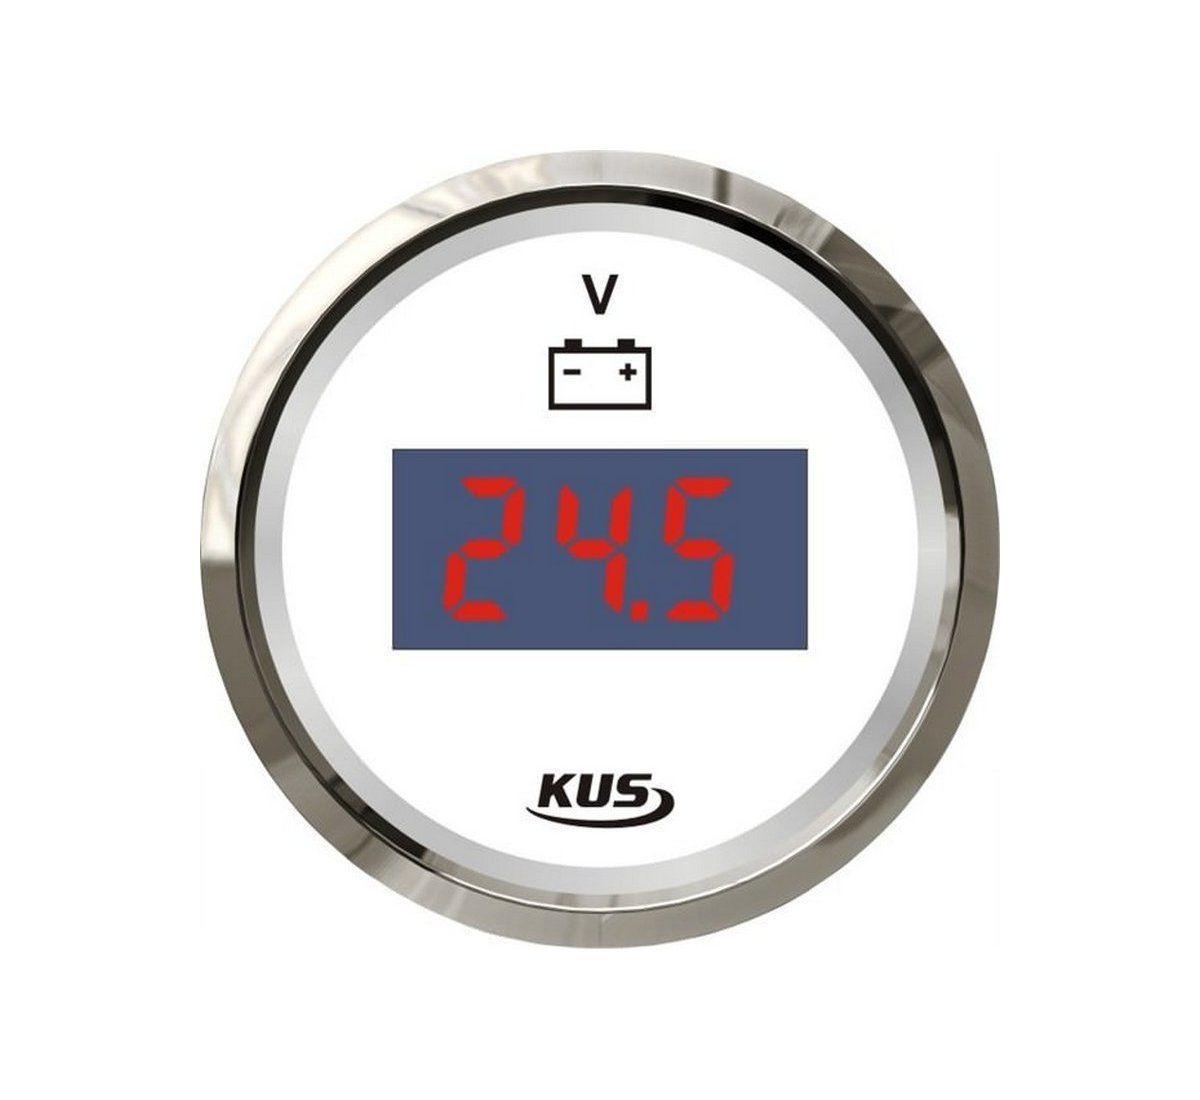 Вольтметр Wema/Kus, цифровой с ЖК-дисплеем, белый, Ø 52 мм,  CEVR-WS-9-32